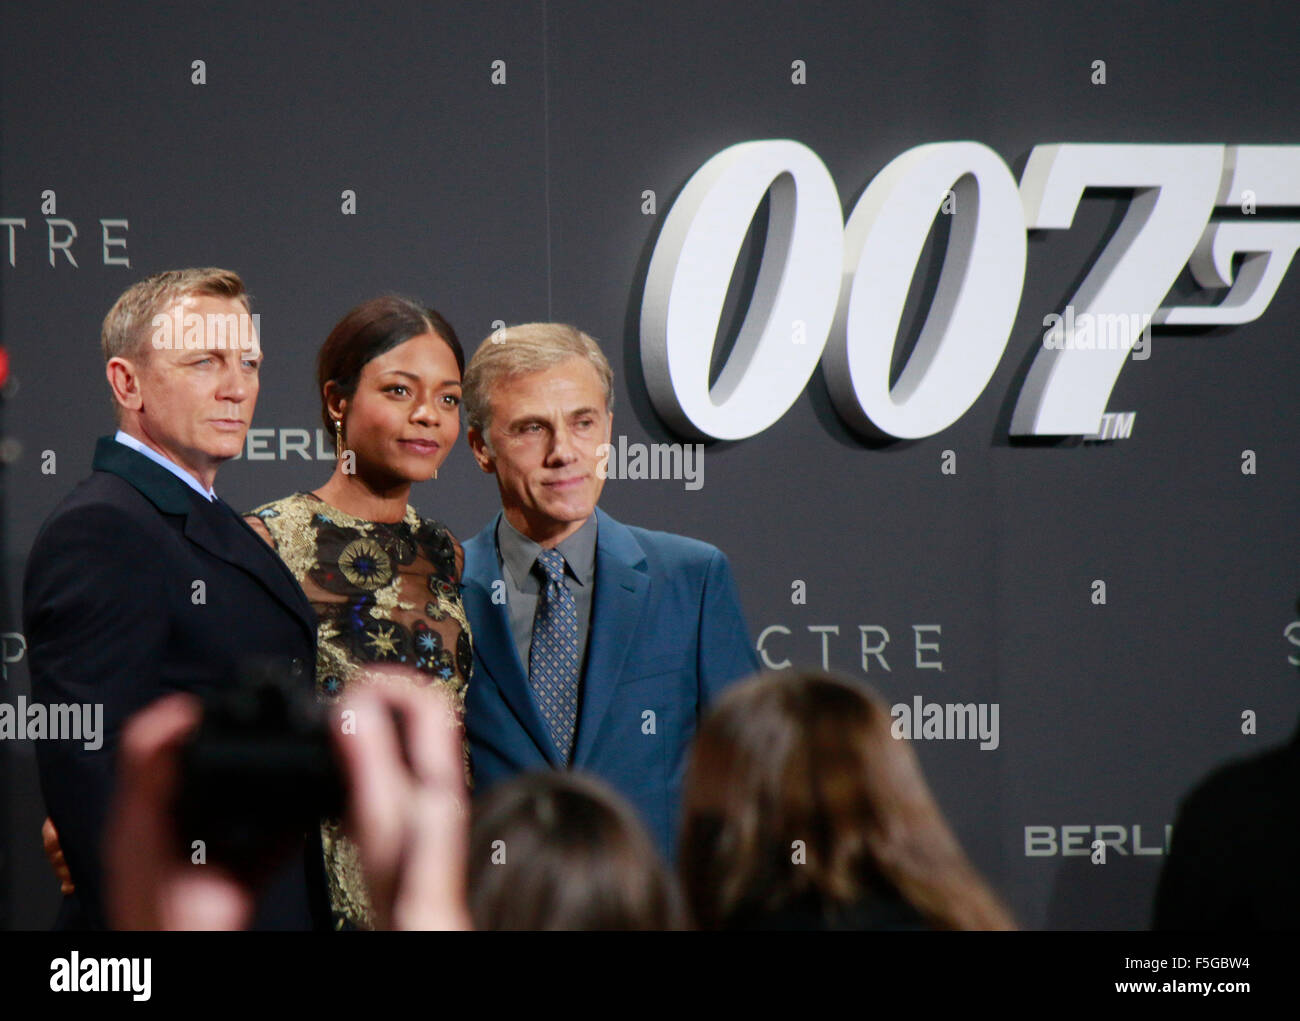 Daniel Craig, Naomie Harris, Christoph Waltz  - Deutschlandpremiere des neuen James Bond 007 Spielfilms 'Spectre', - Stock Image